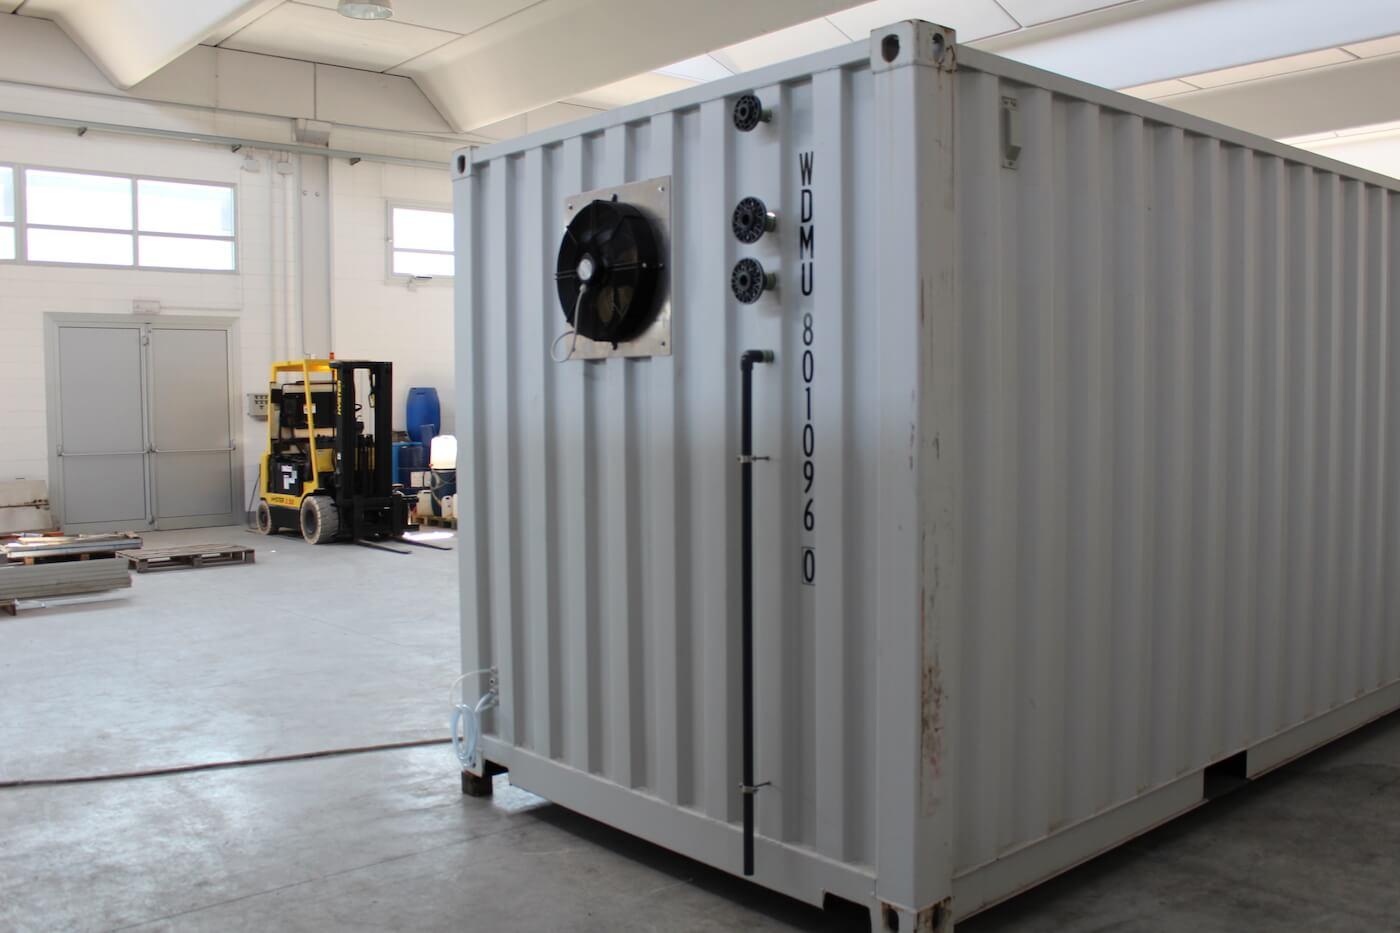 cz trattamento acque - impianti depurazione acqua filtrazione addolcimento osmosi inversa impianti container 5